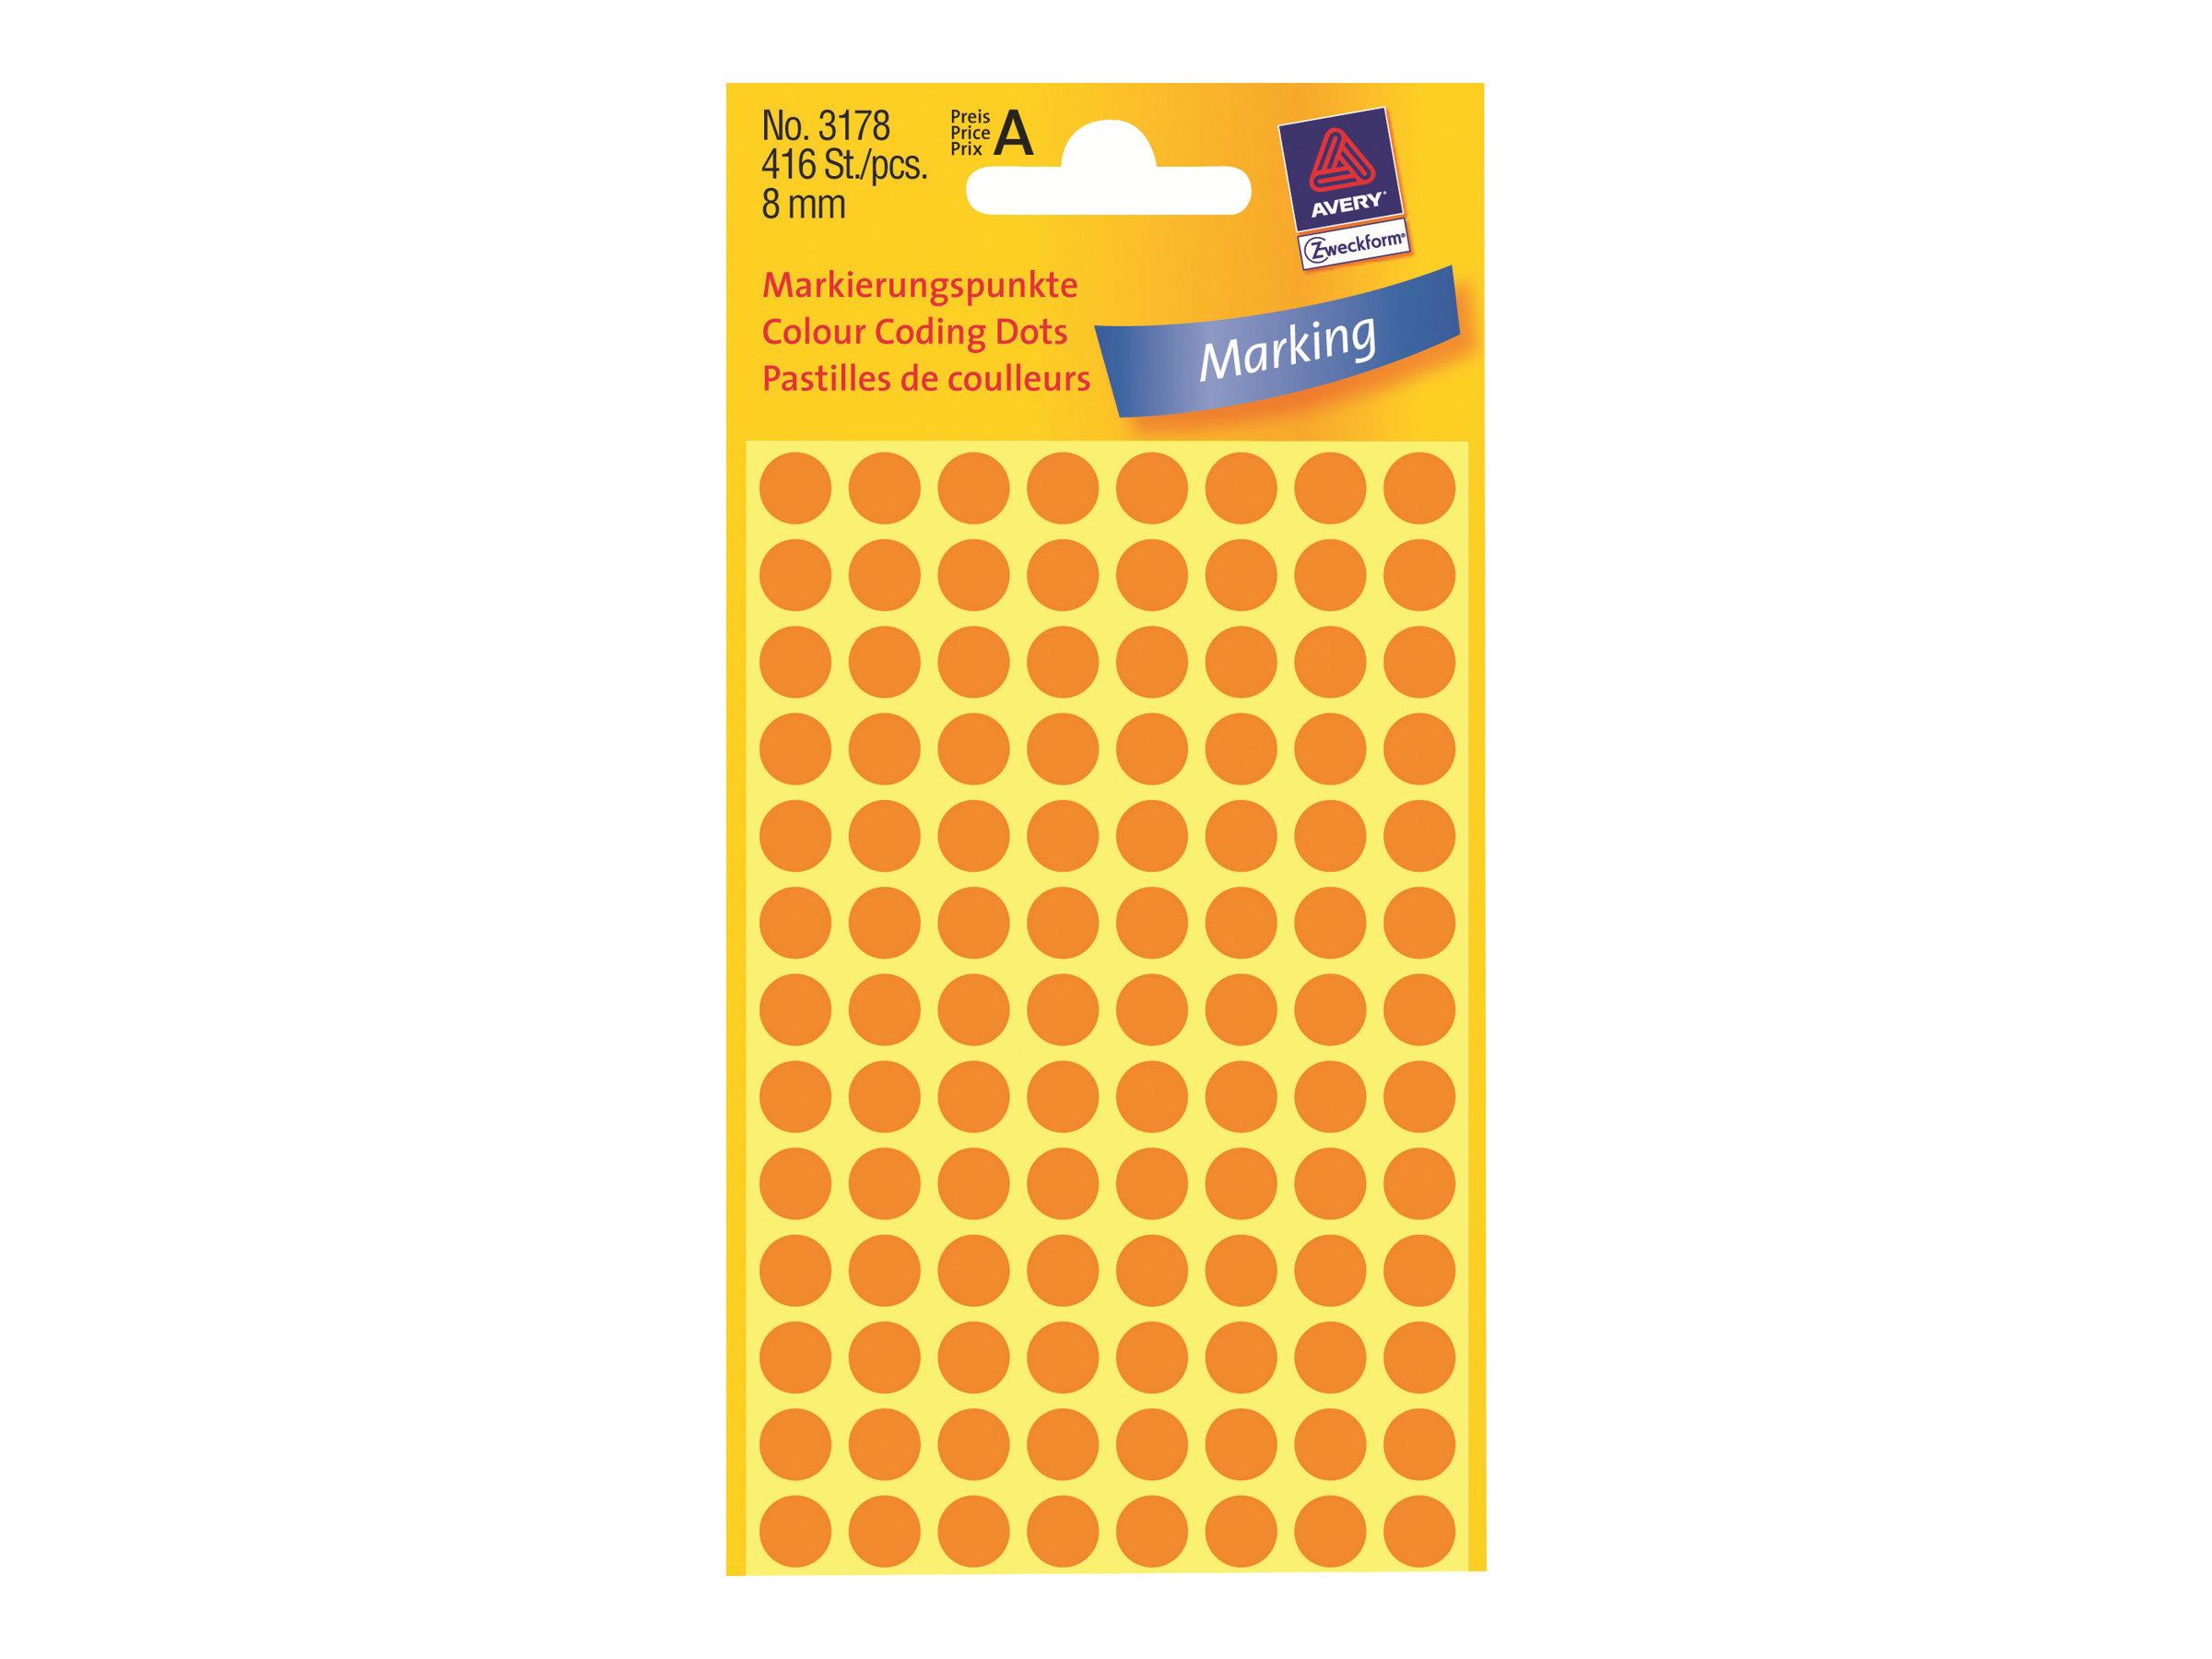 Avery Zweckform Selbstklebend - fluoreszierend Orange - 8 mm rund 416 Etikett(en) (4 Bogen x 104)